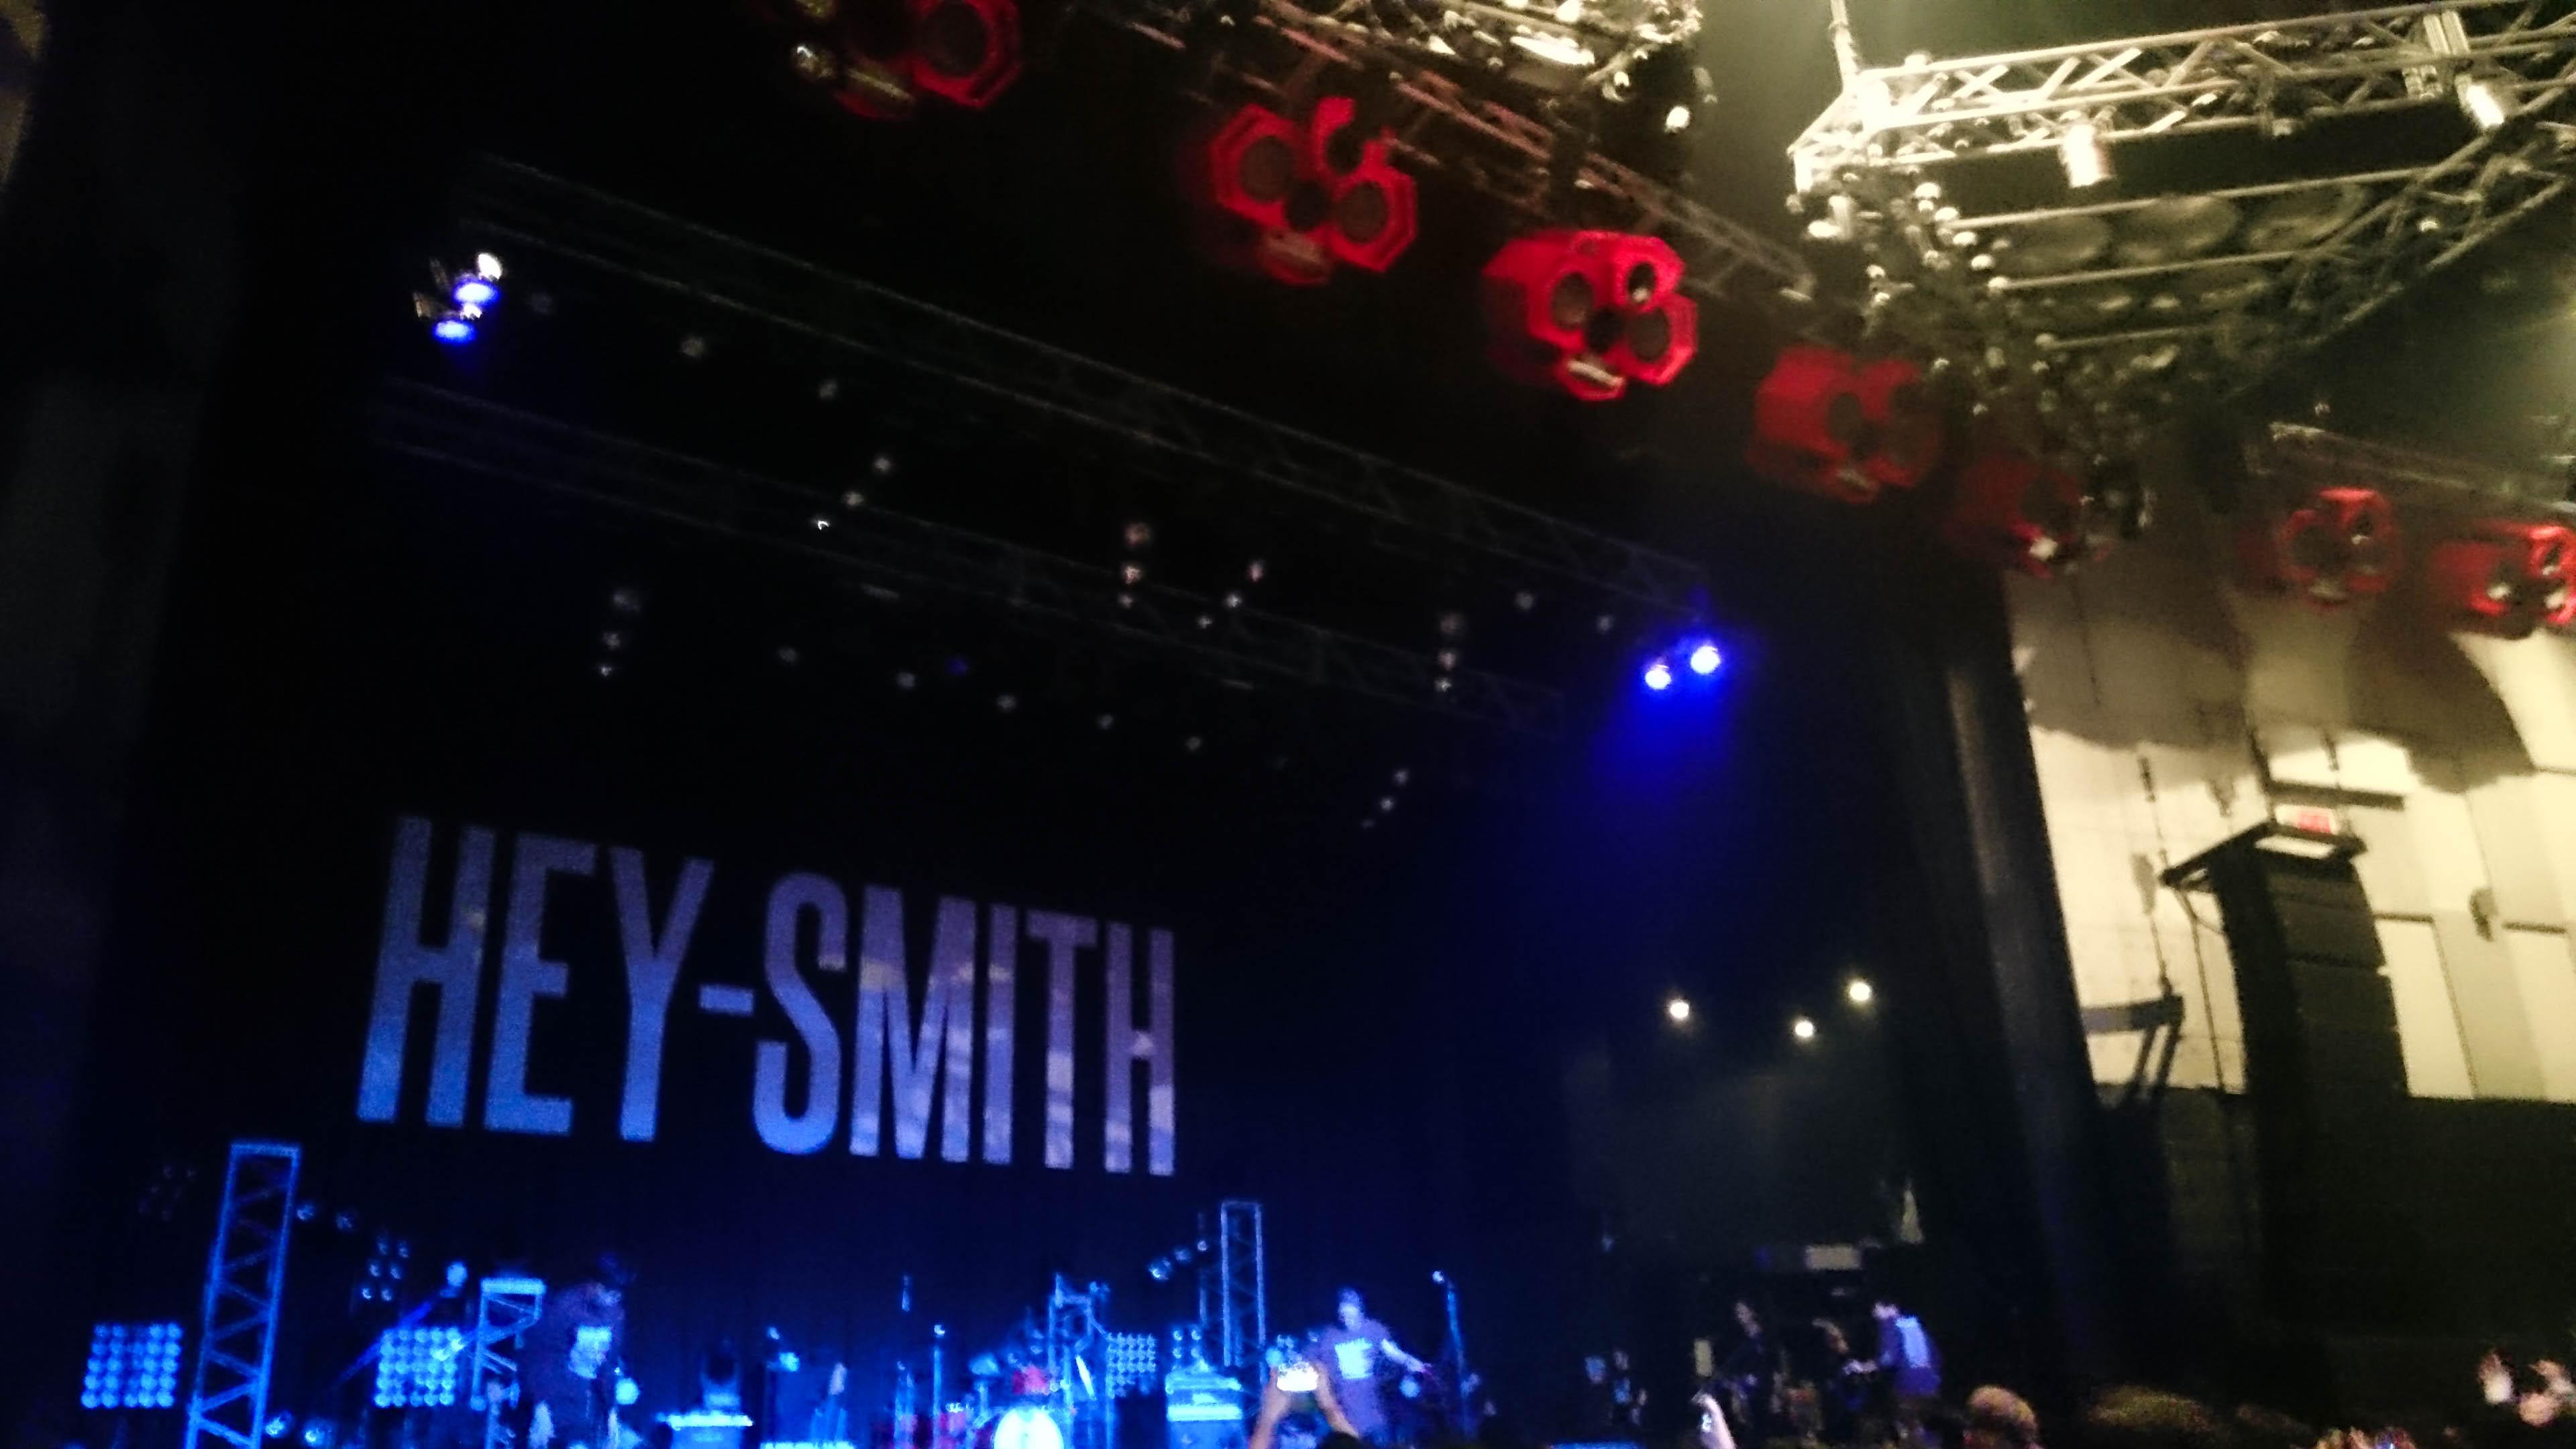 【HEY-SMITH】Life In The Sun Tour@新木場STUDIO COAST~ライブレポ~